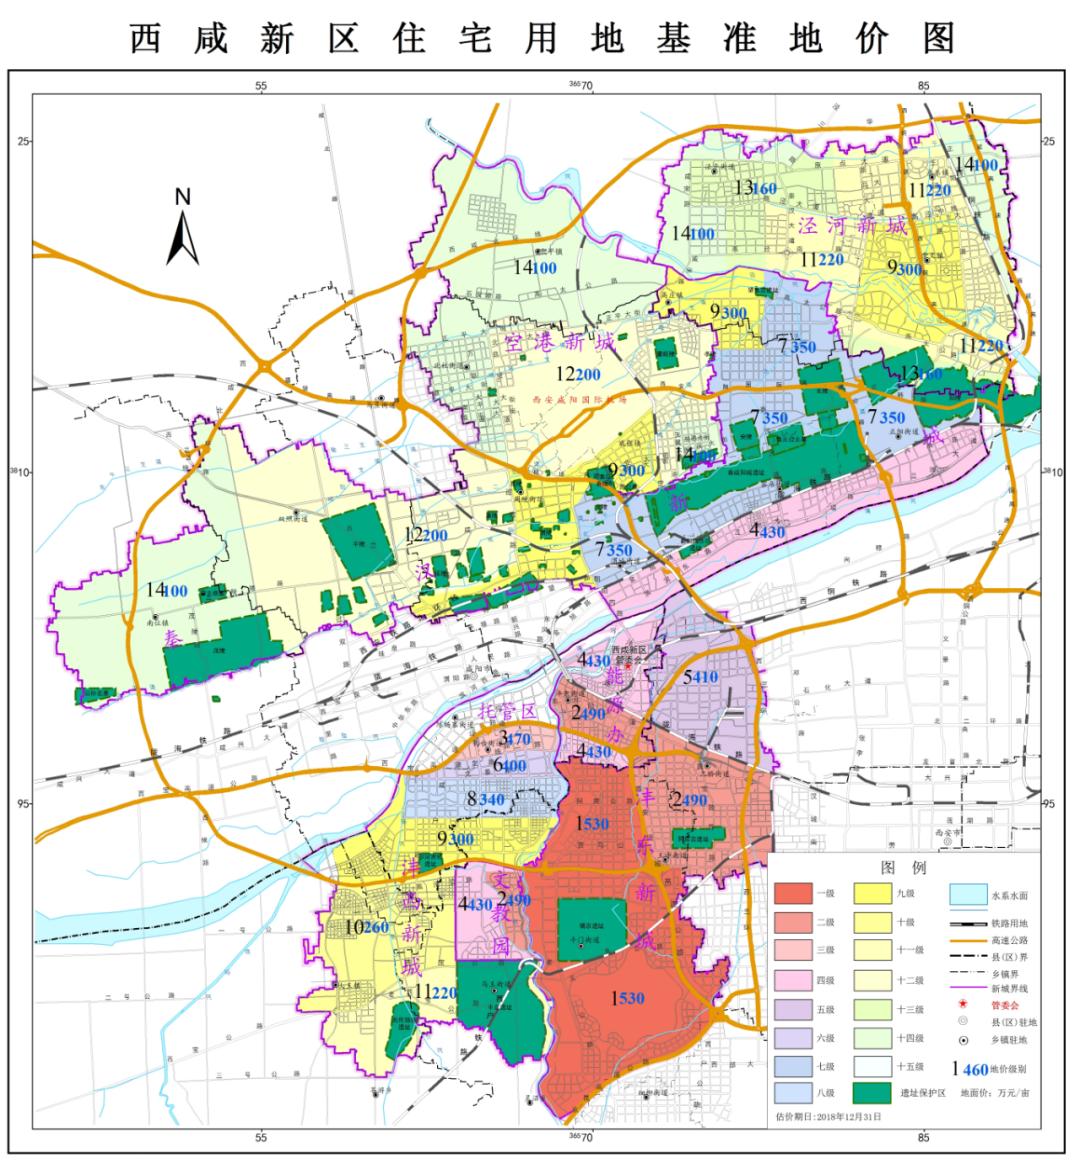 西安GDP增速態勢可預測房產區域性發展?這才是最真實的樓市情況-圖4